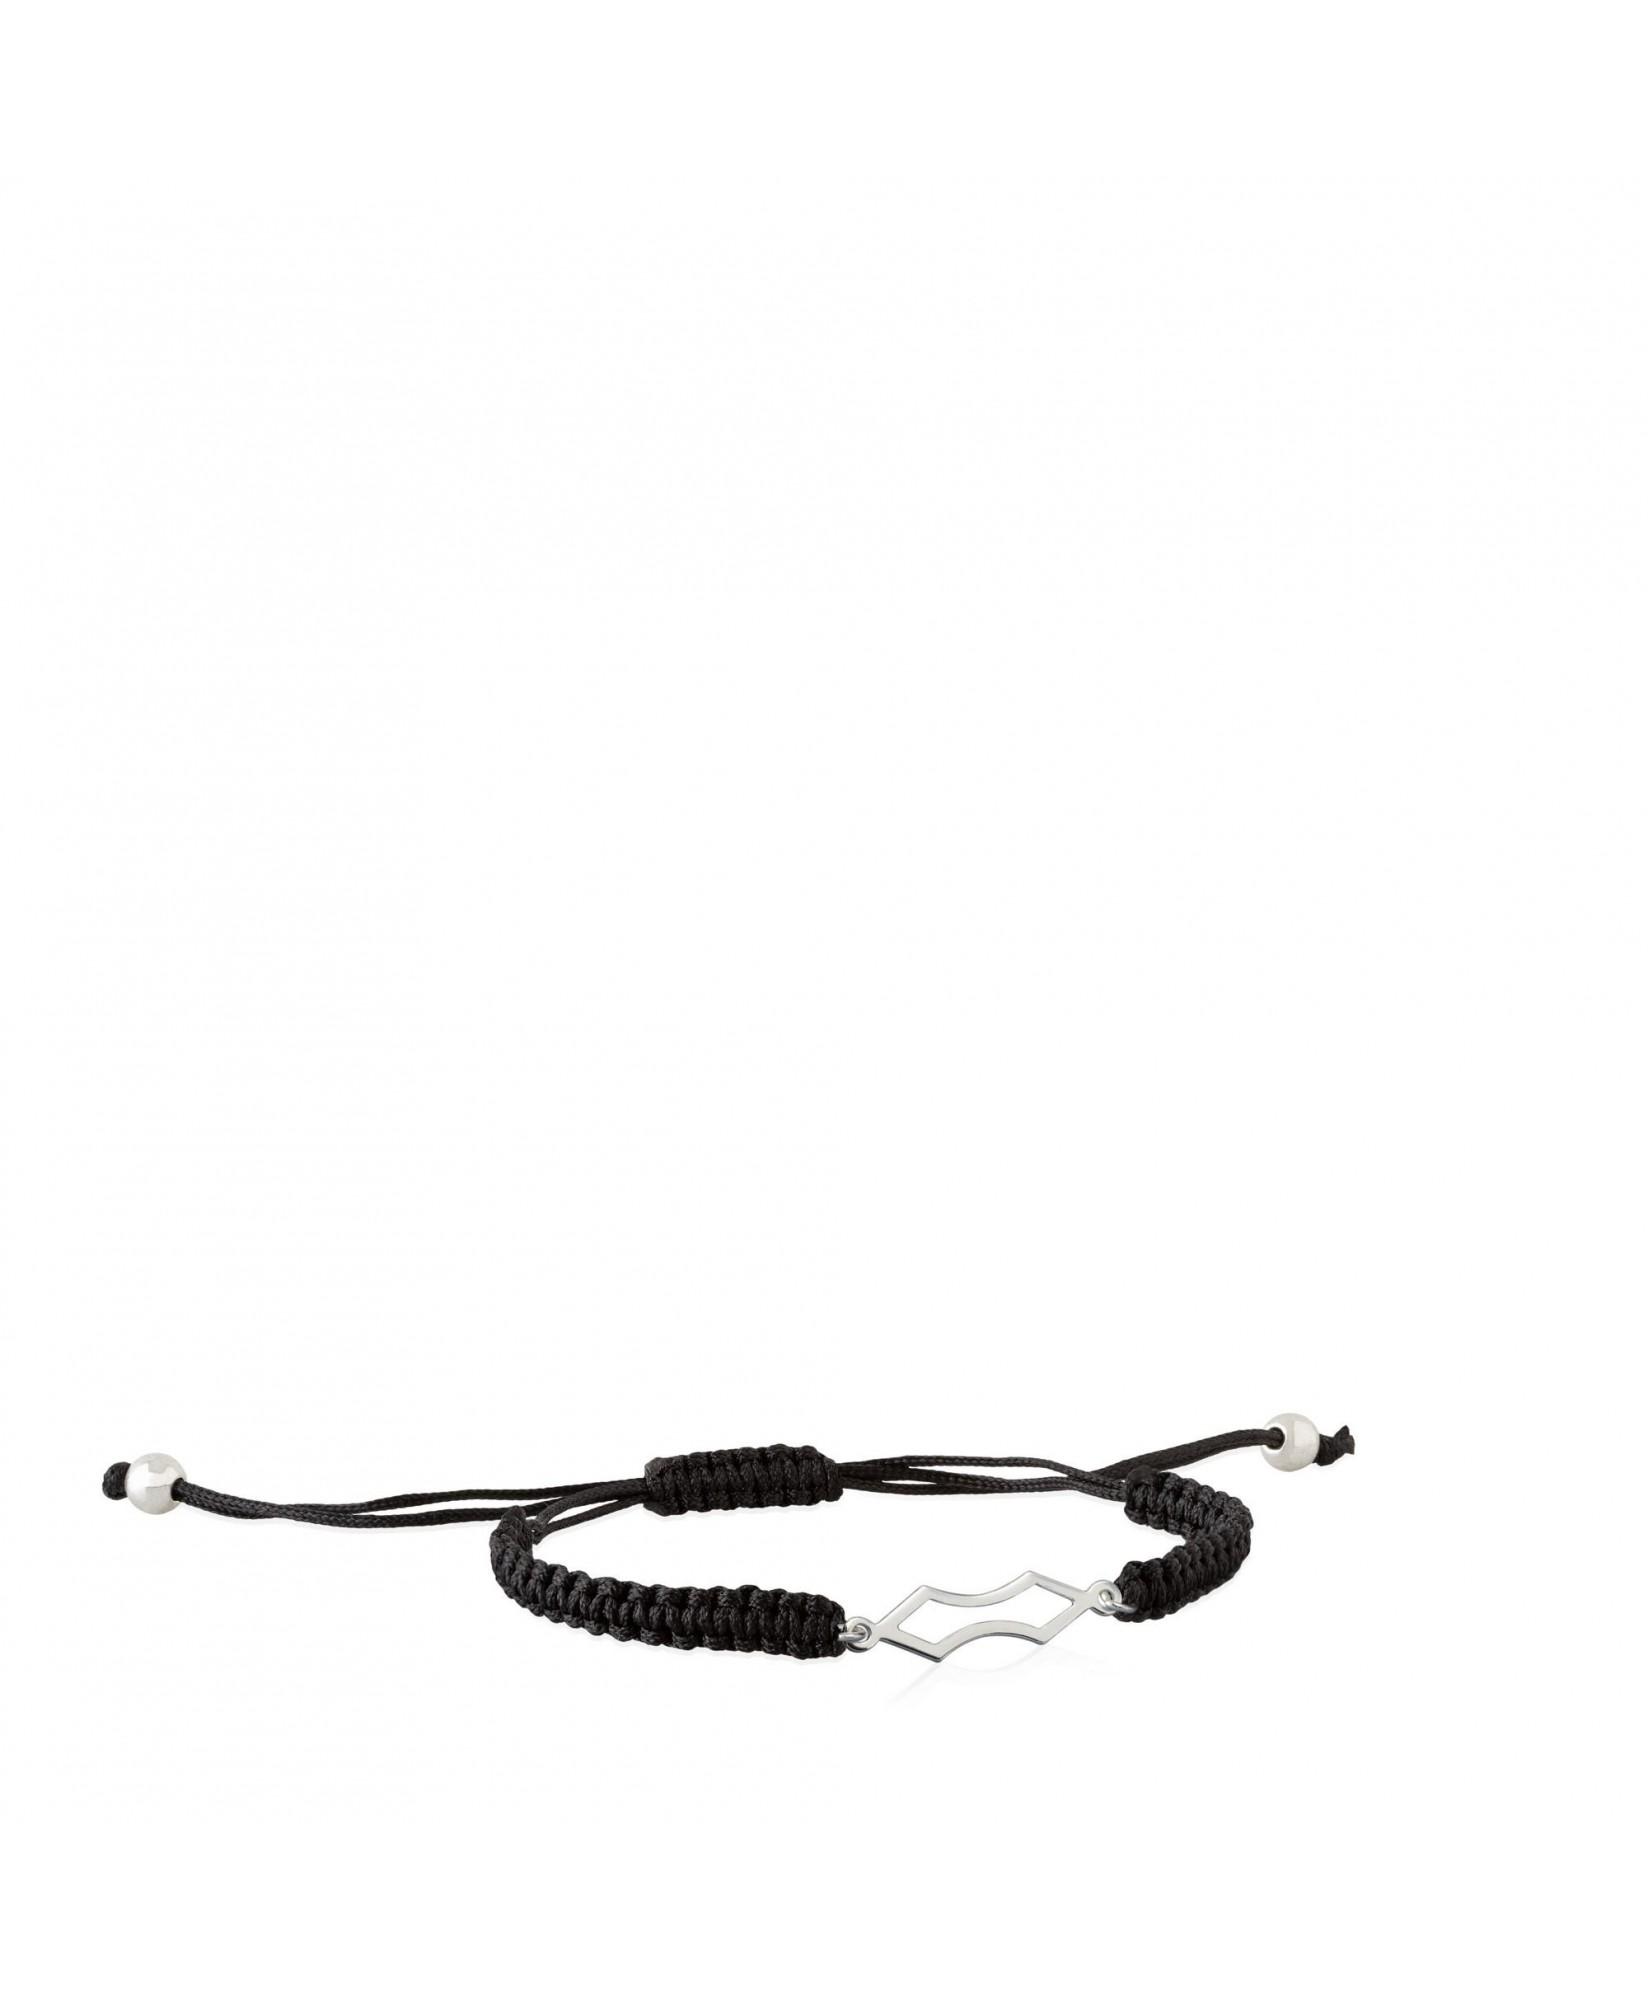 Pulsera de cordón y plata Fuego con forma de lanza Pulsera de cordón y plata Fuego con forma de lanza